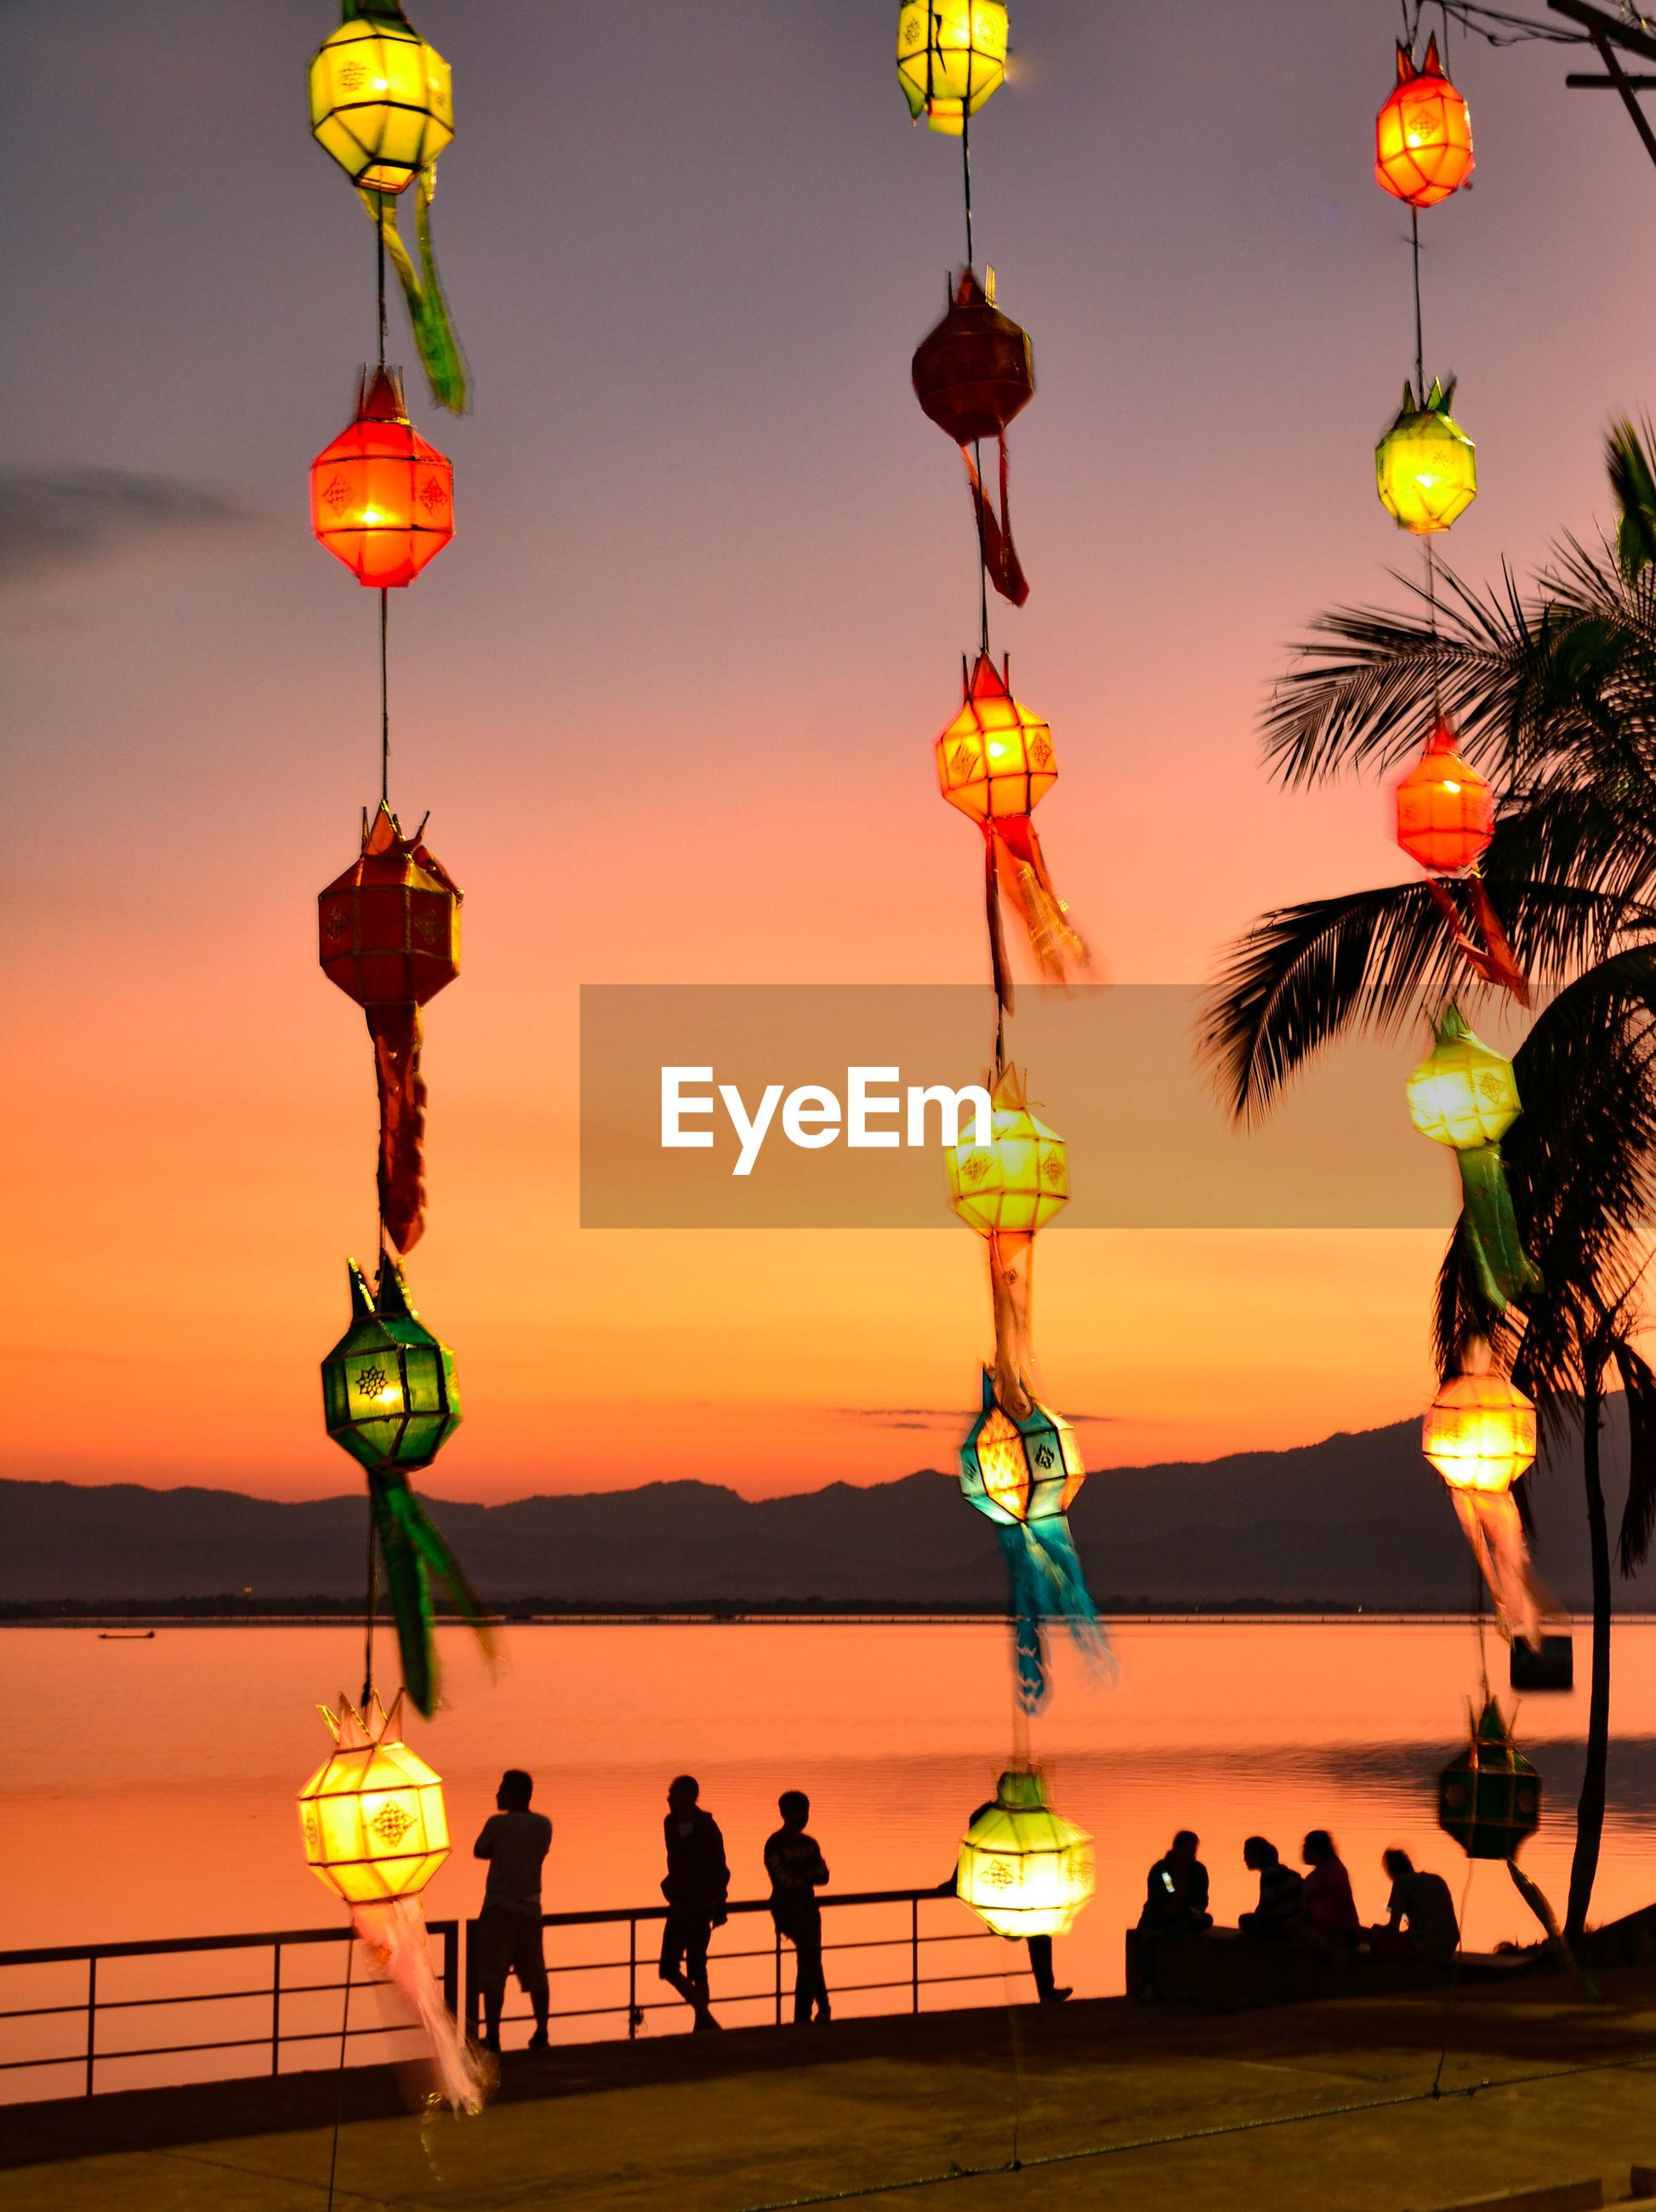 Illuminated lanterns hanging against sky during sunset